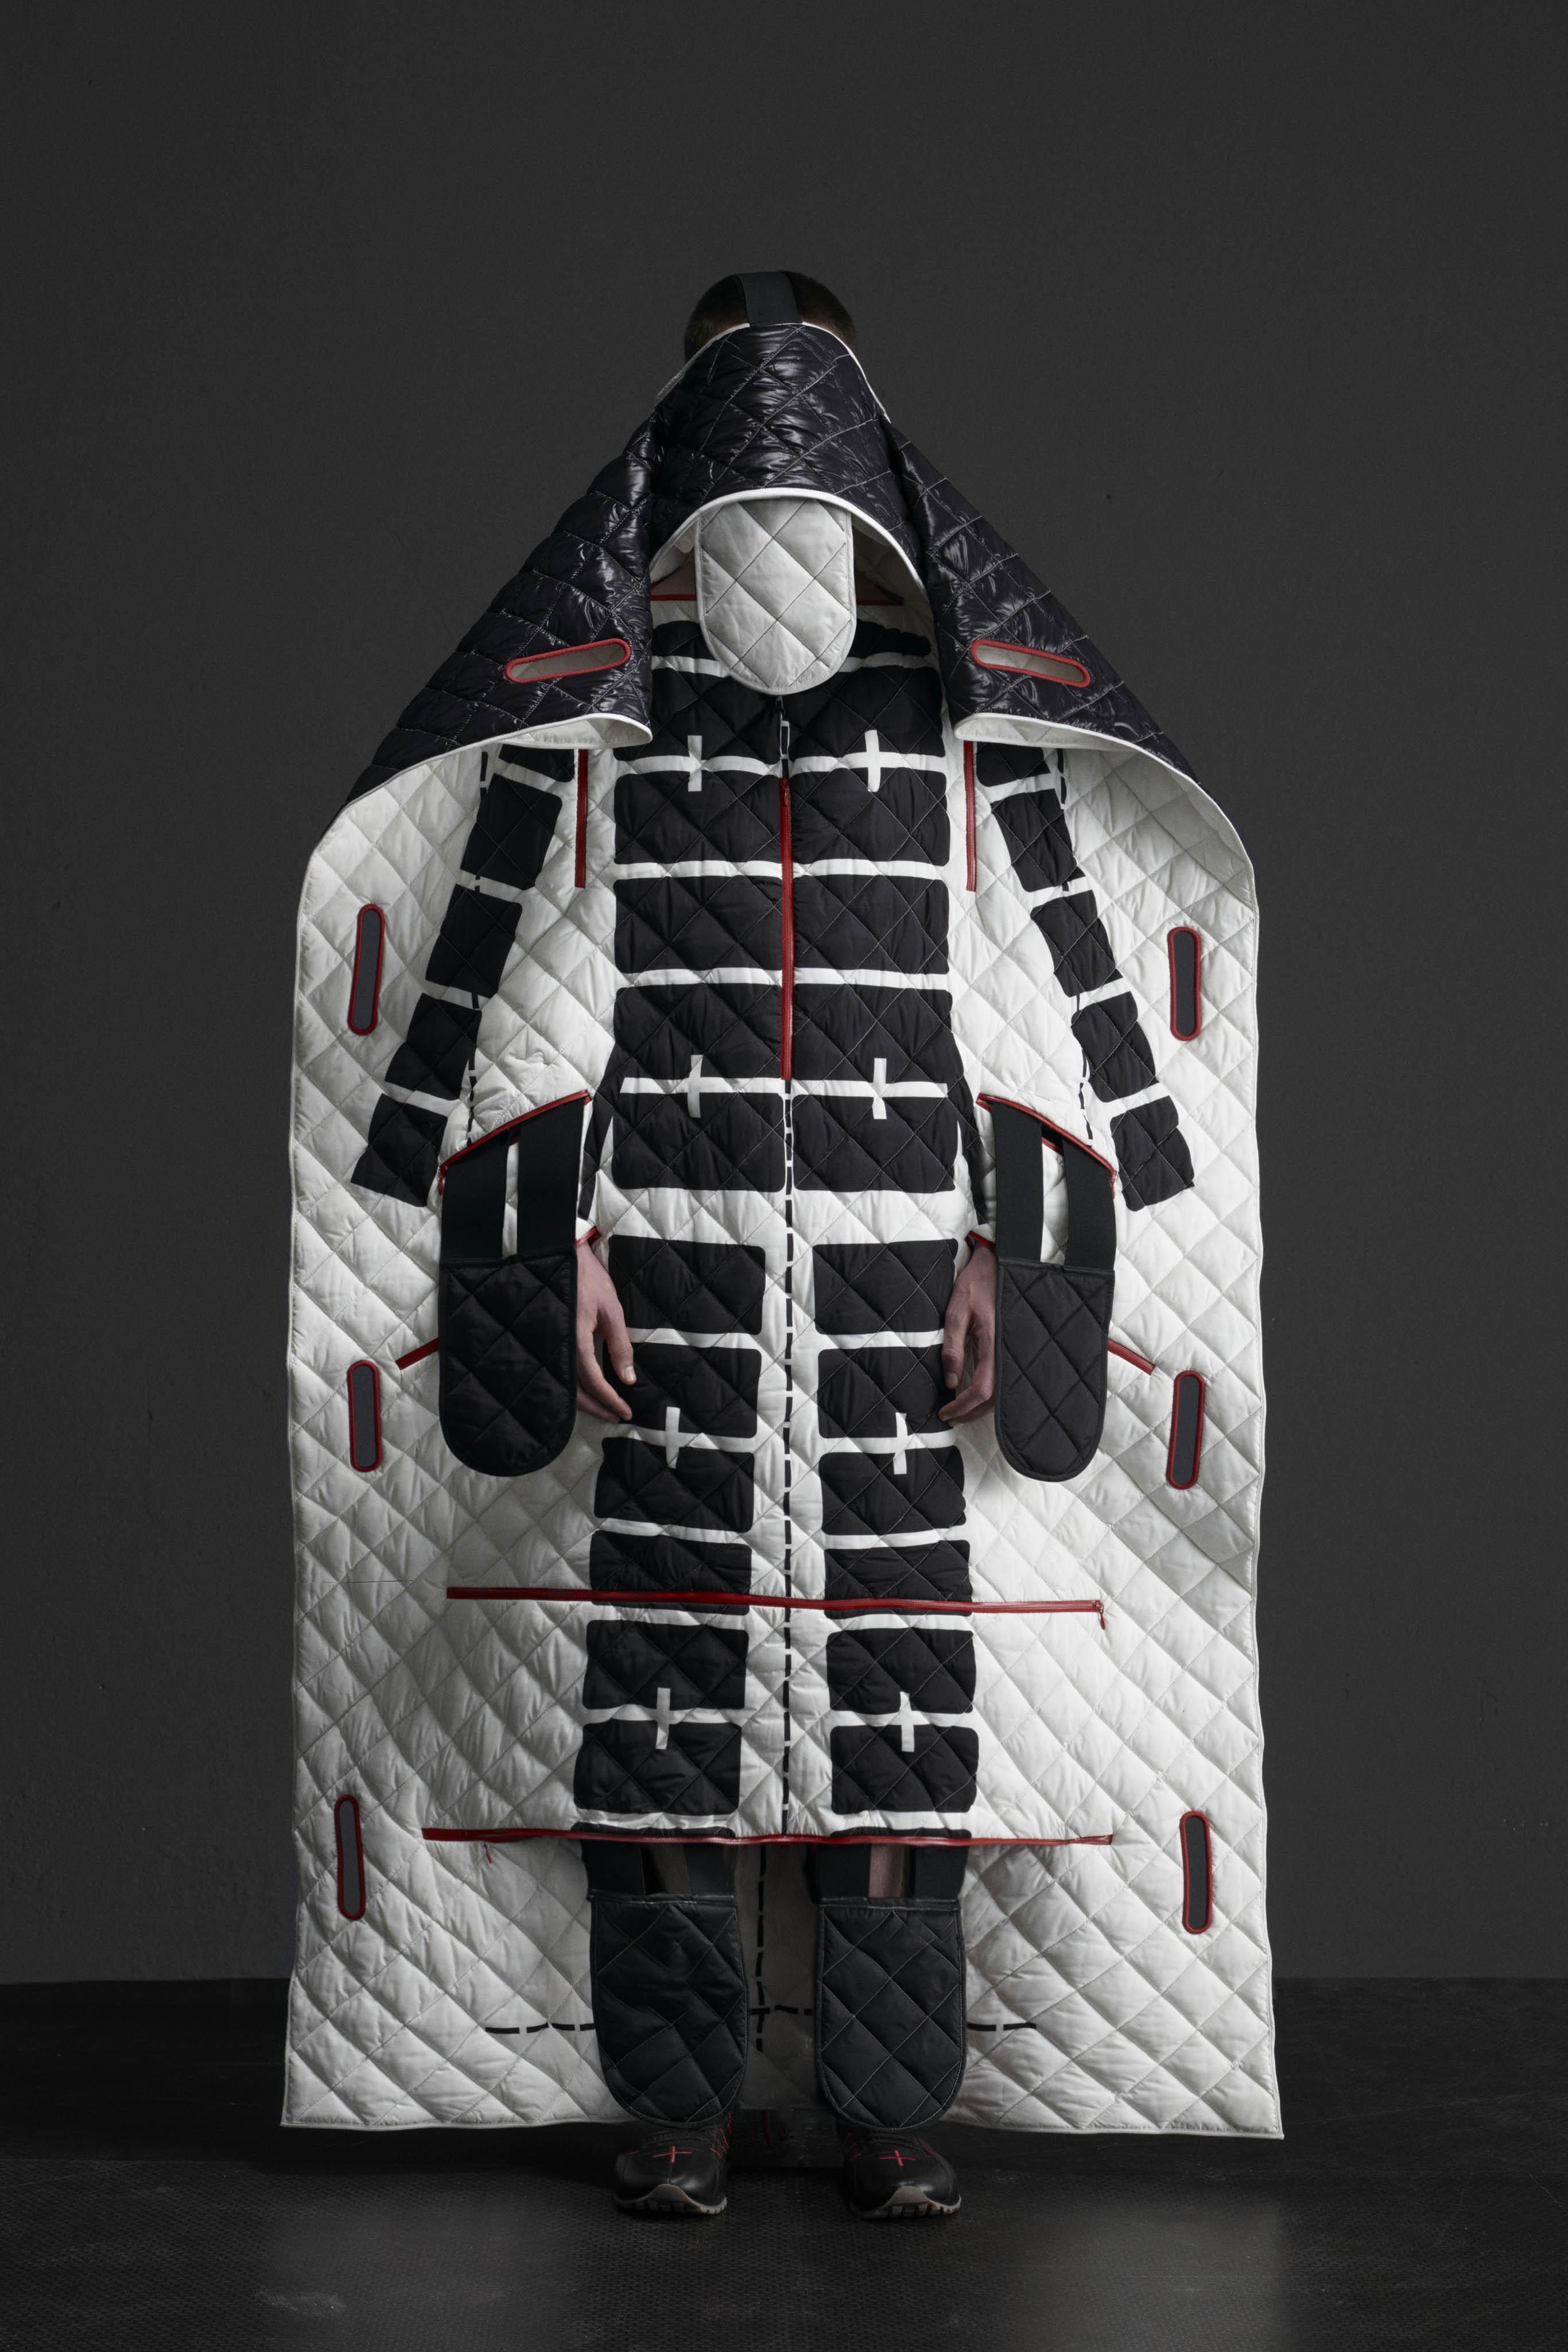 不穿著時輕薄平整,穿著時則通過一系列拉鍊設計來兼顧舒適度與蓬鬆感